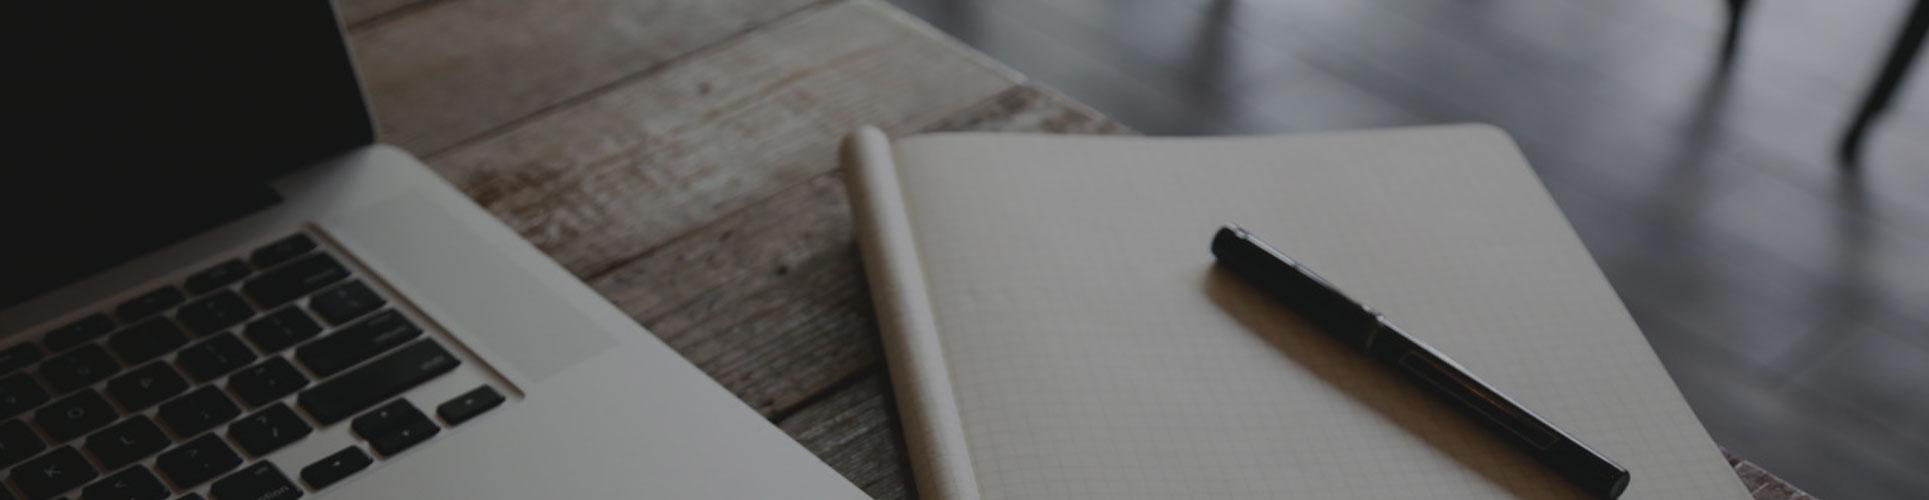 Online markedsføring, webudvikling og søgeoptimering